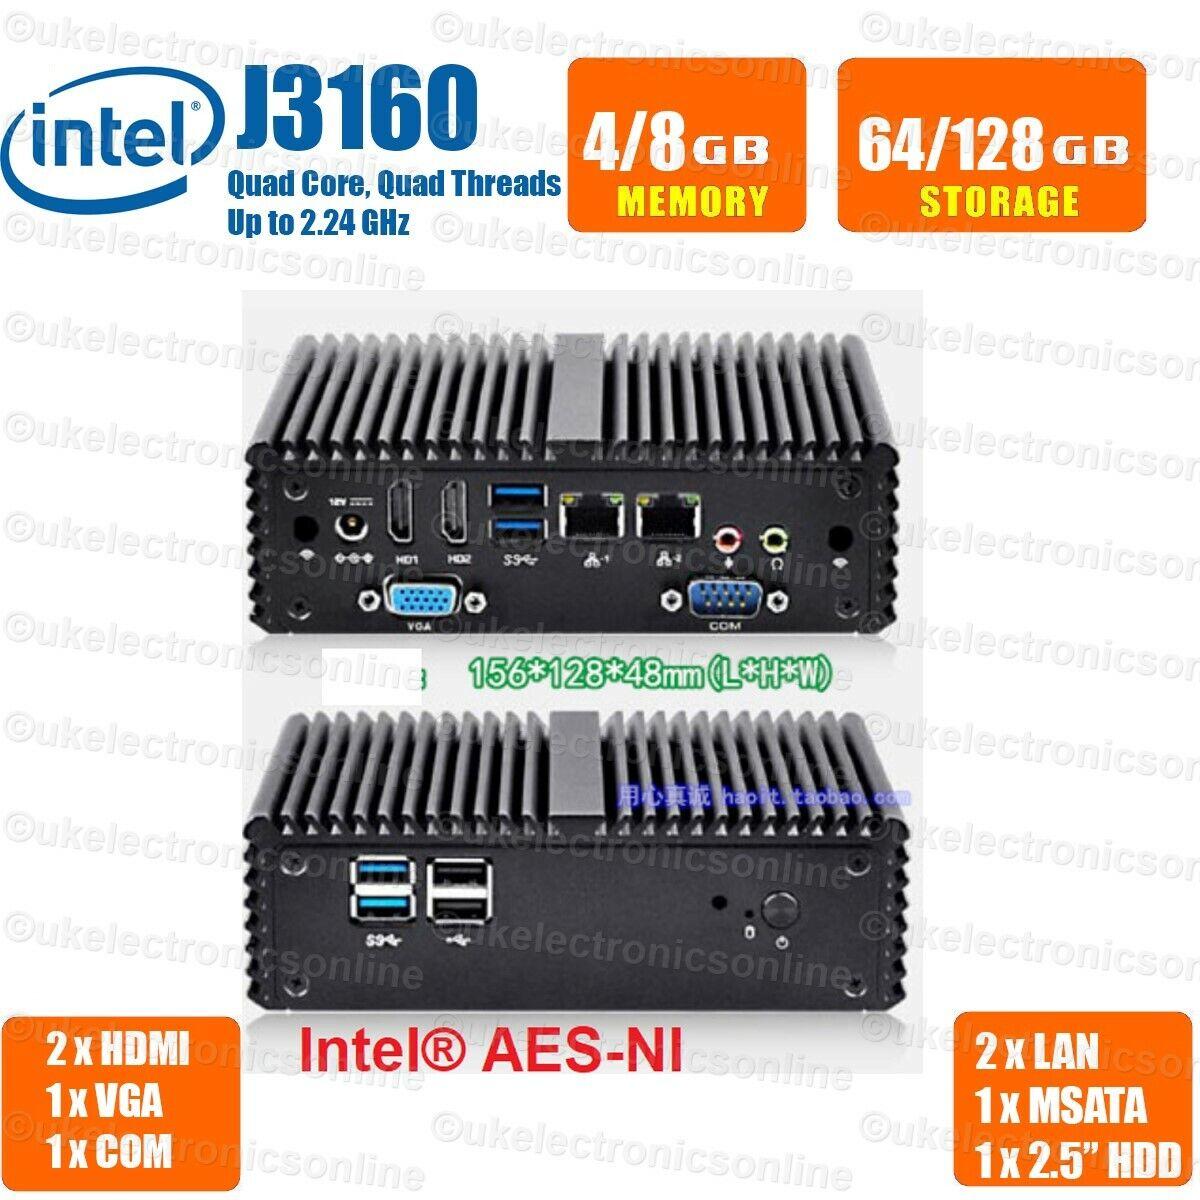 Fanless Mini PC Dual LAN Port, RS232 Intel J1900/J3160 Mini